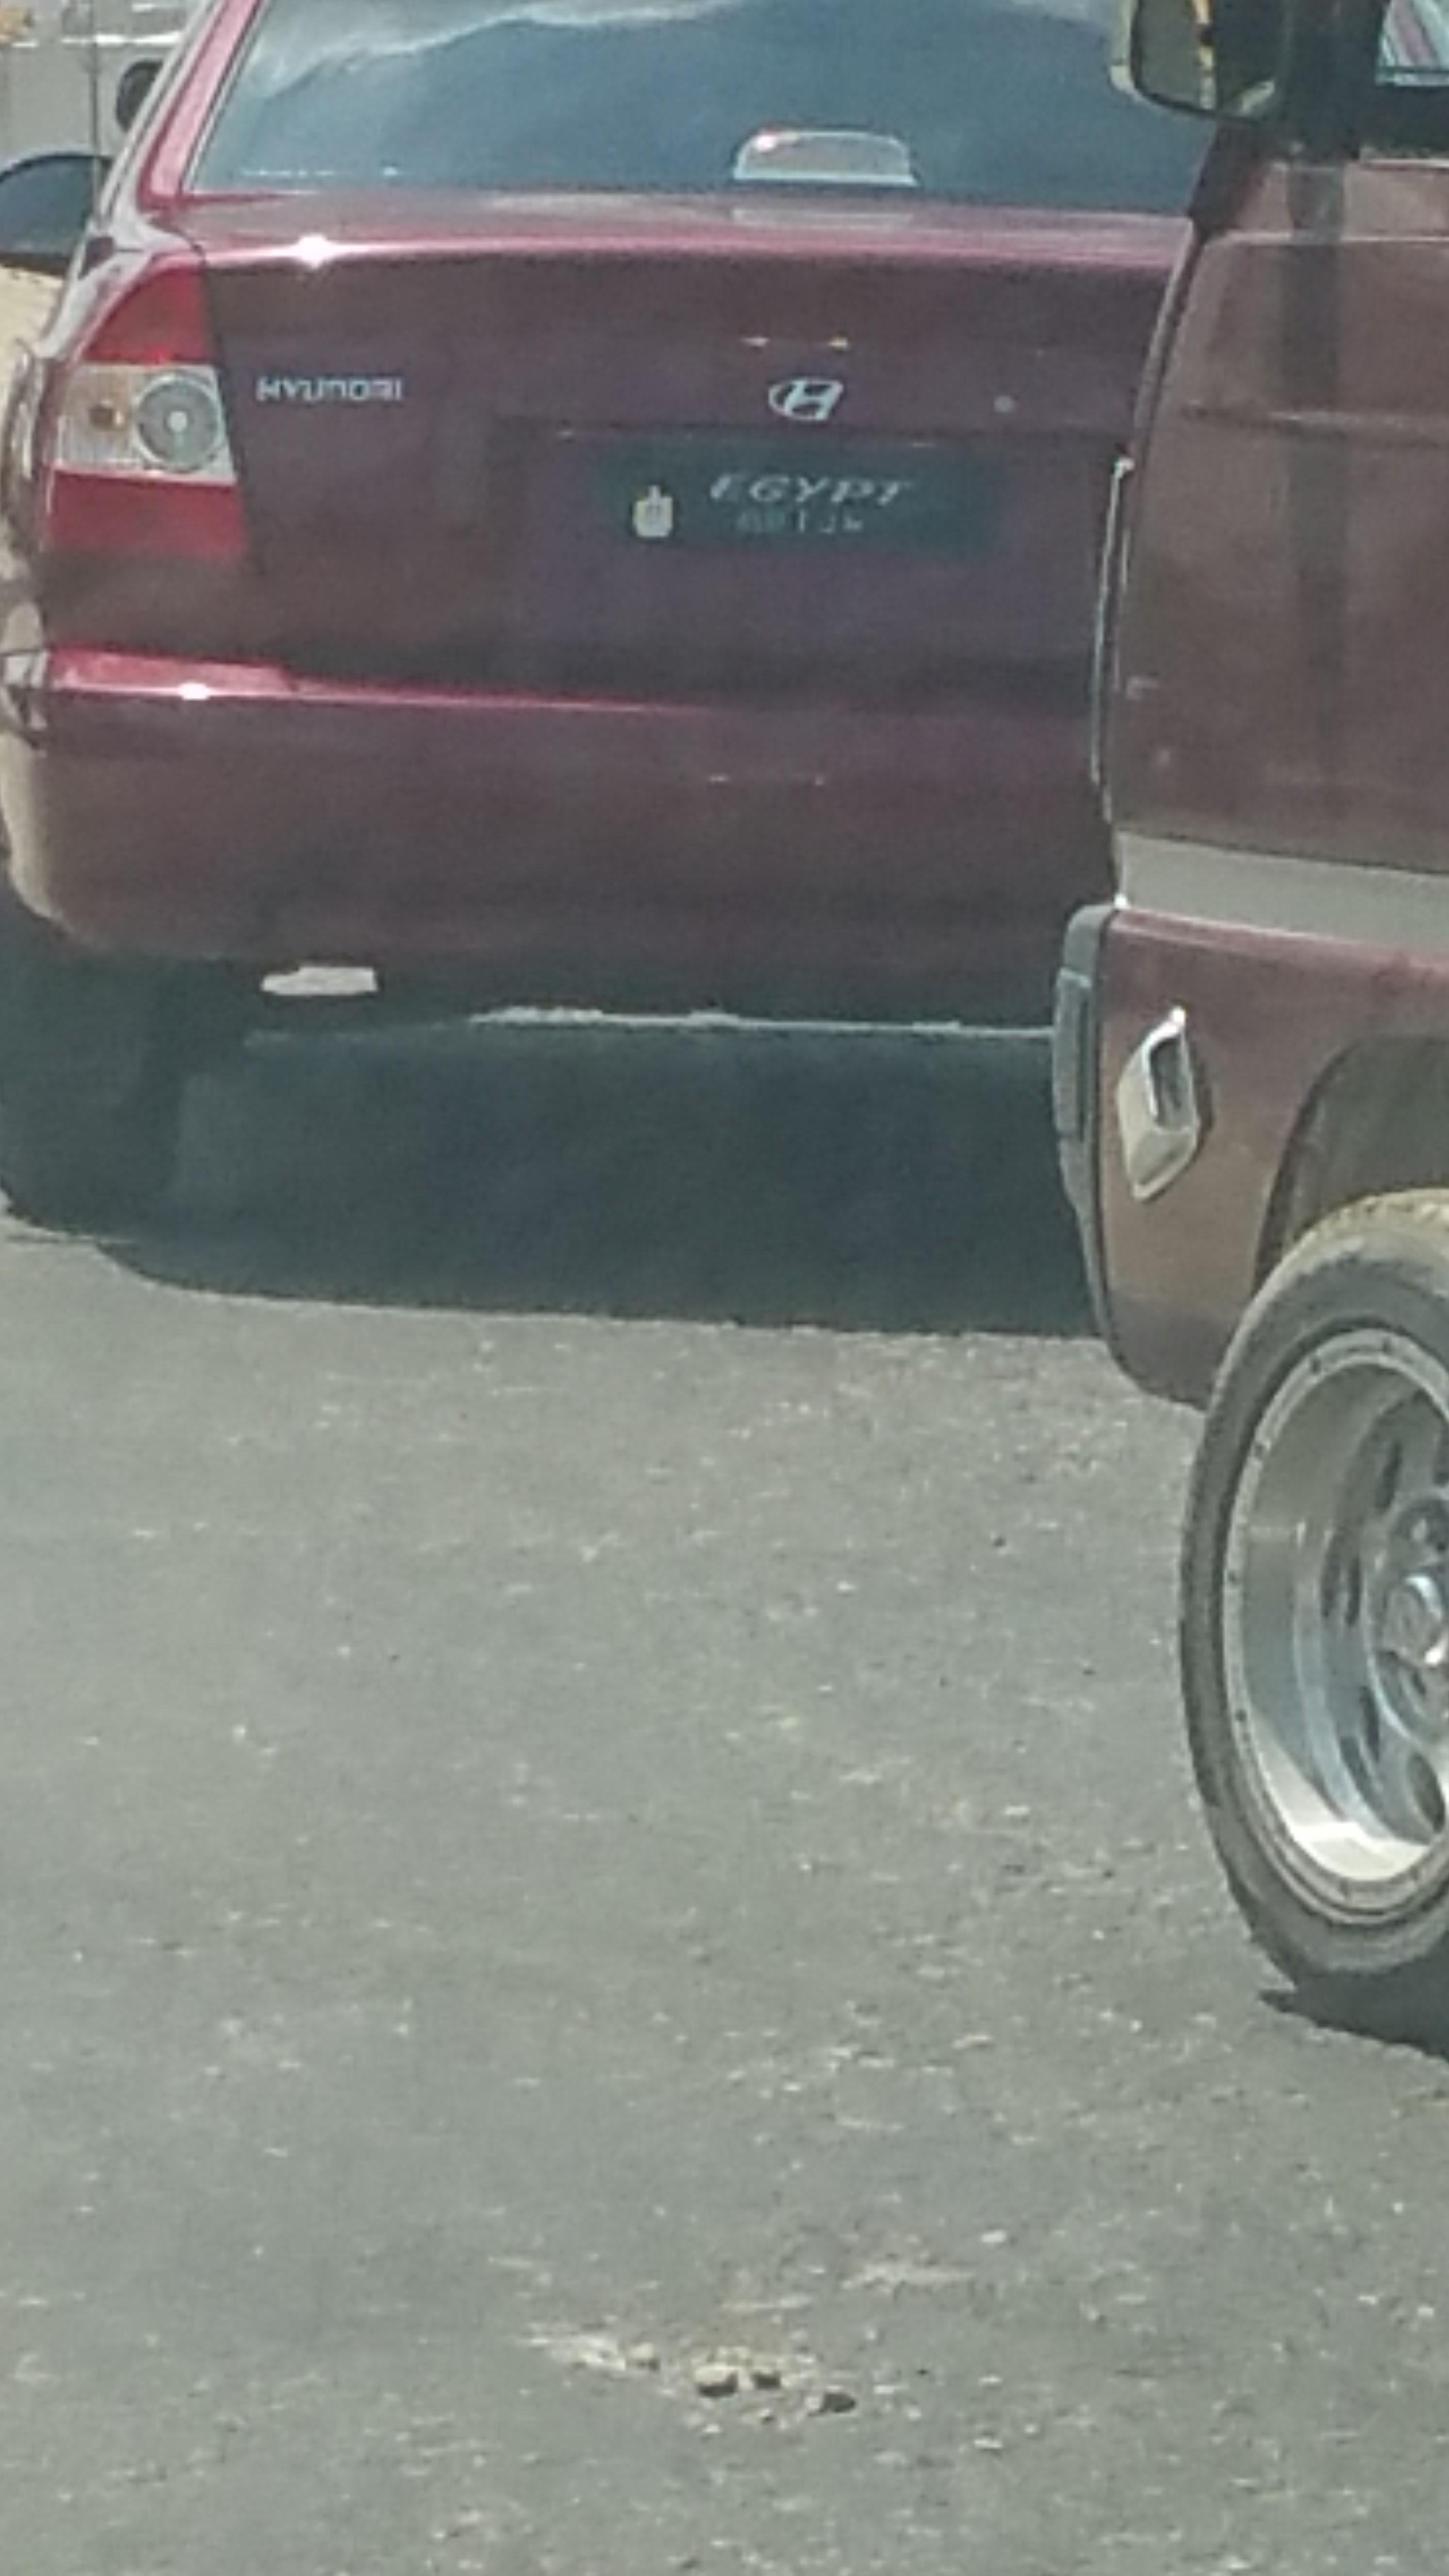 سيارة دون لوحة أرقام على طريق مصر _ إسكندرية الزراعي (صورة محم خميس)